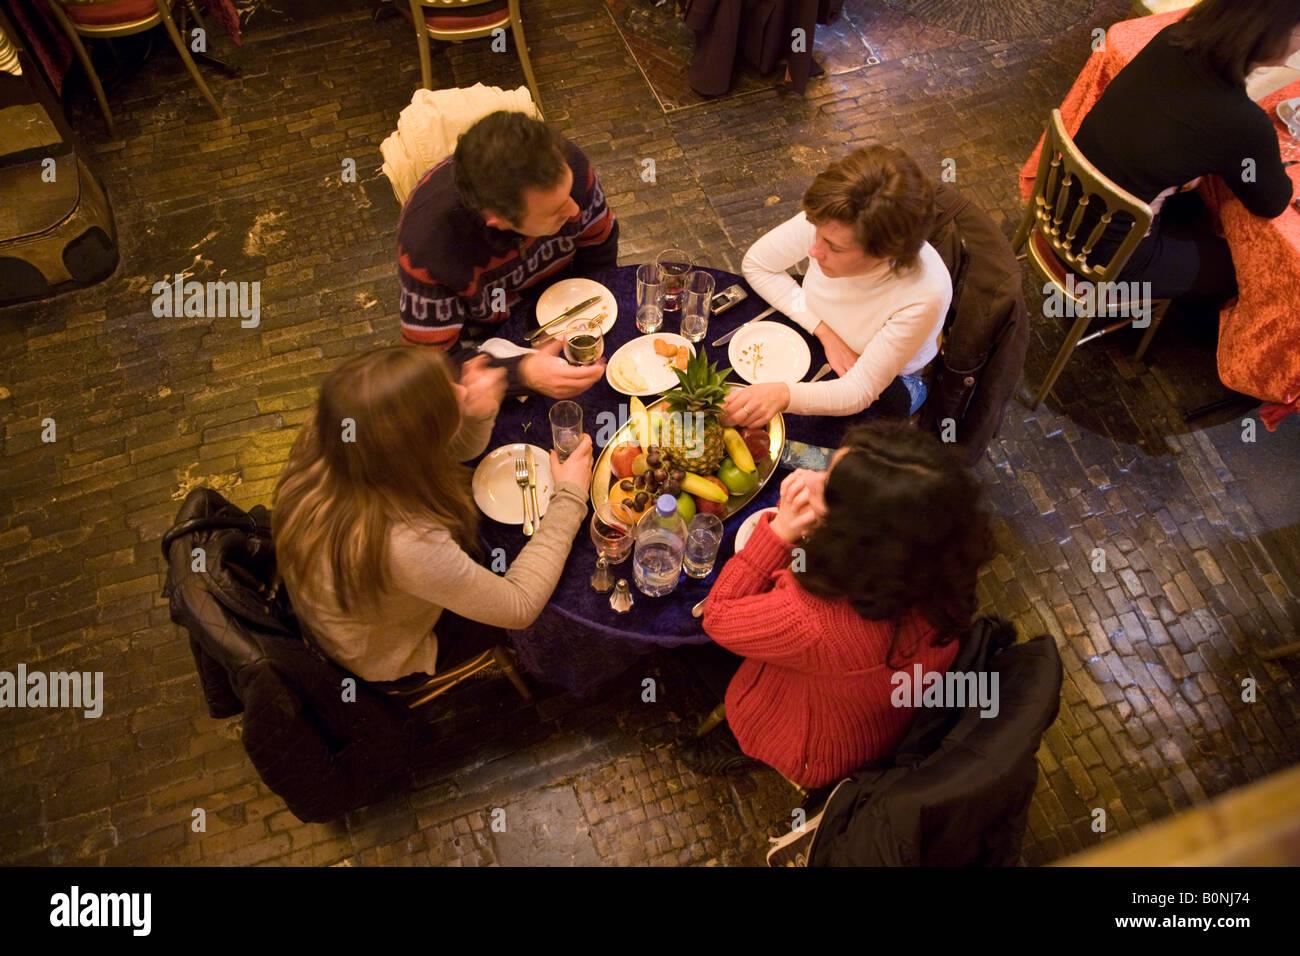 Dinner diners at Sarastro restaurant. Drury Lane, Covent Garden. London. UK. - Stock Image